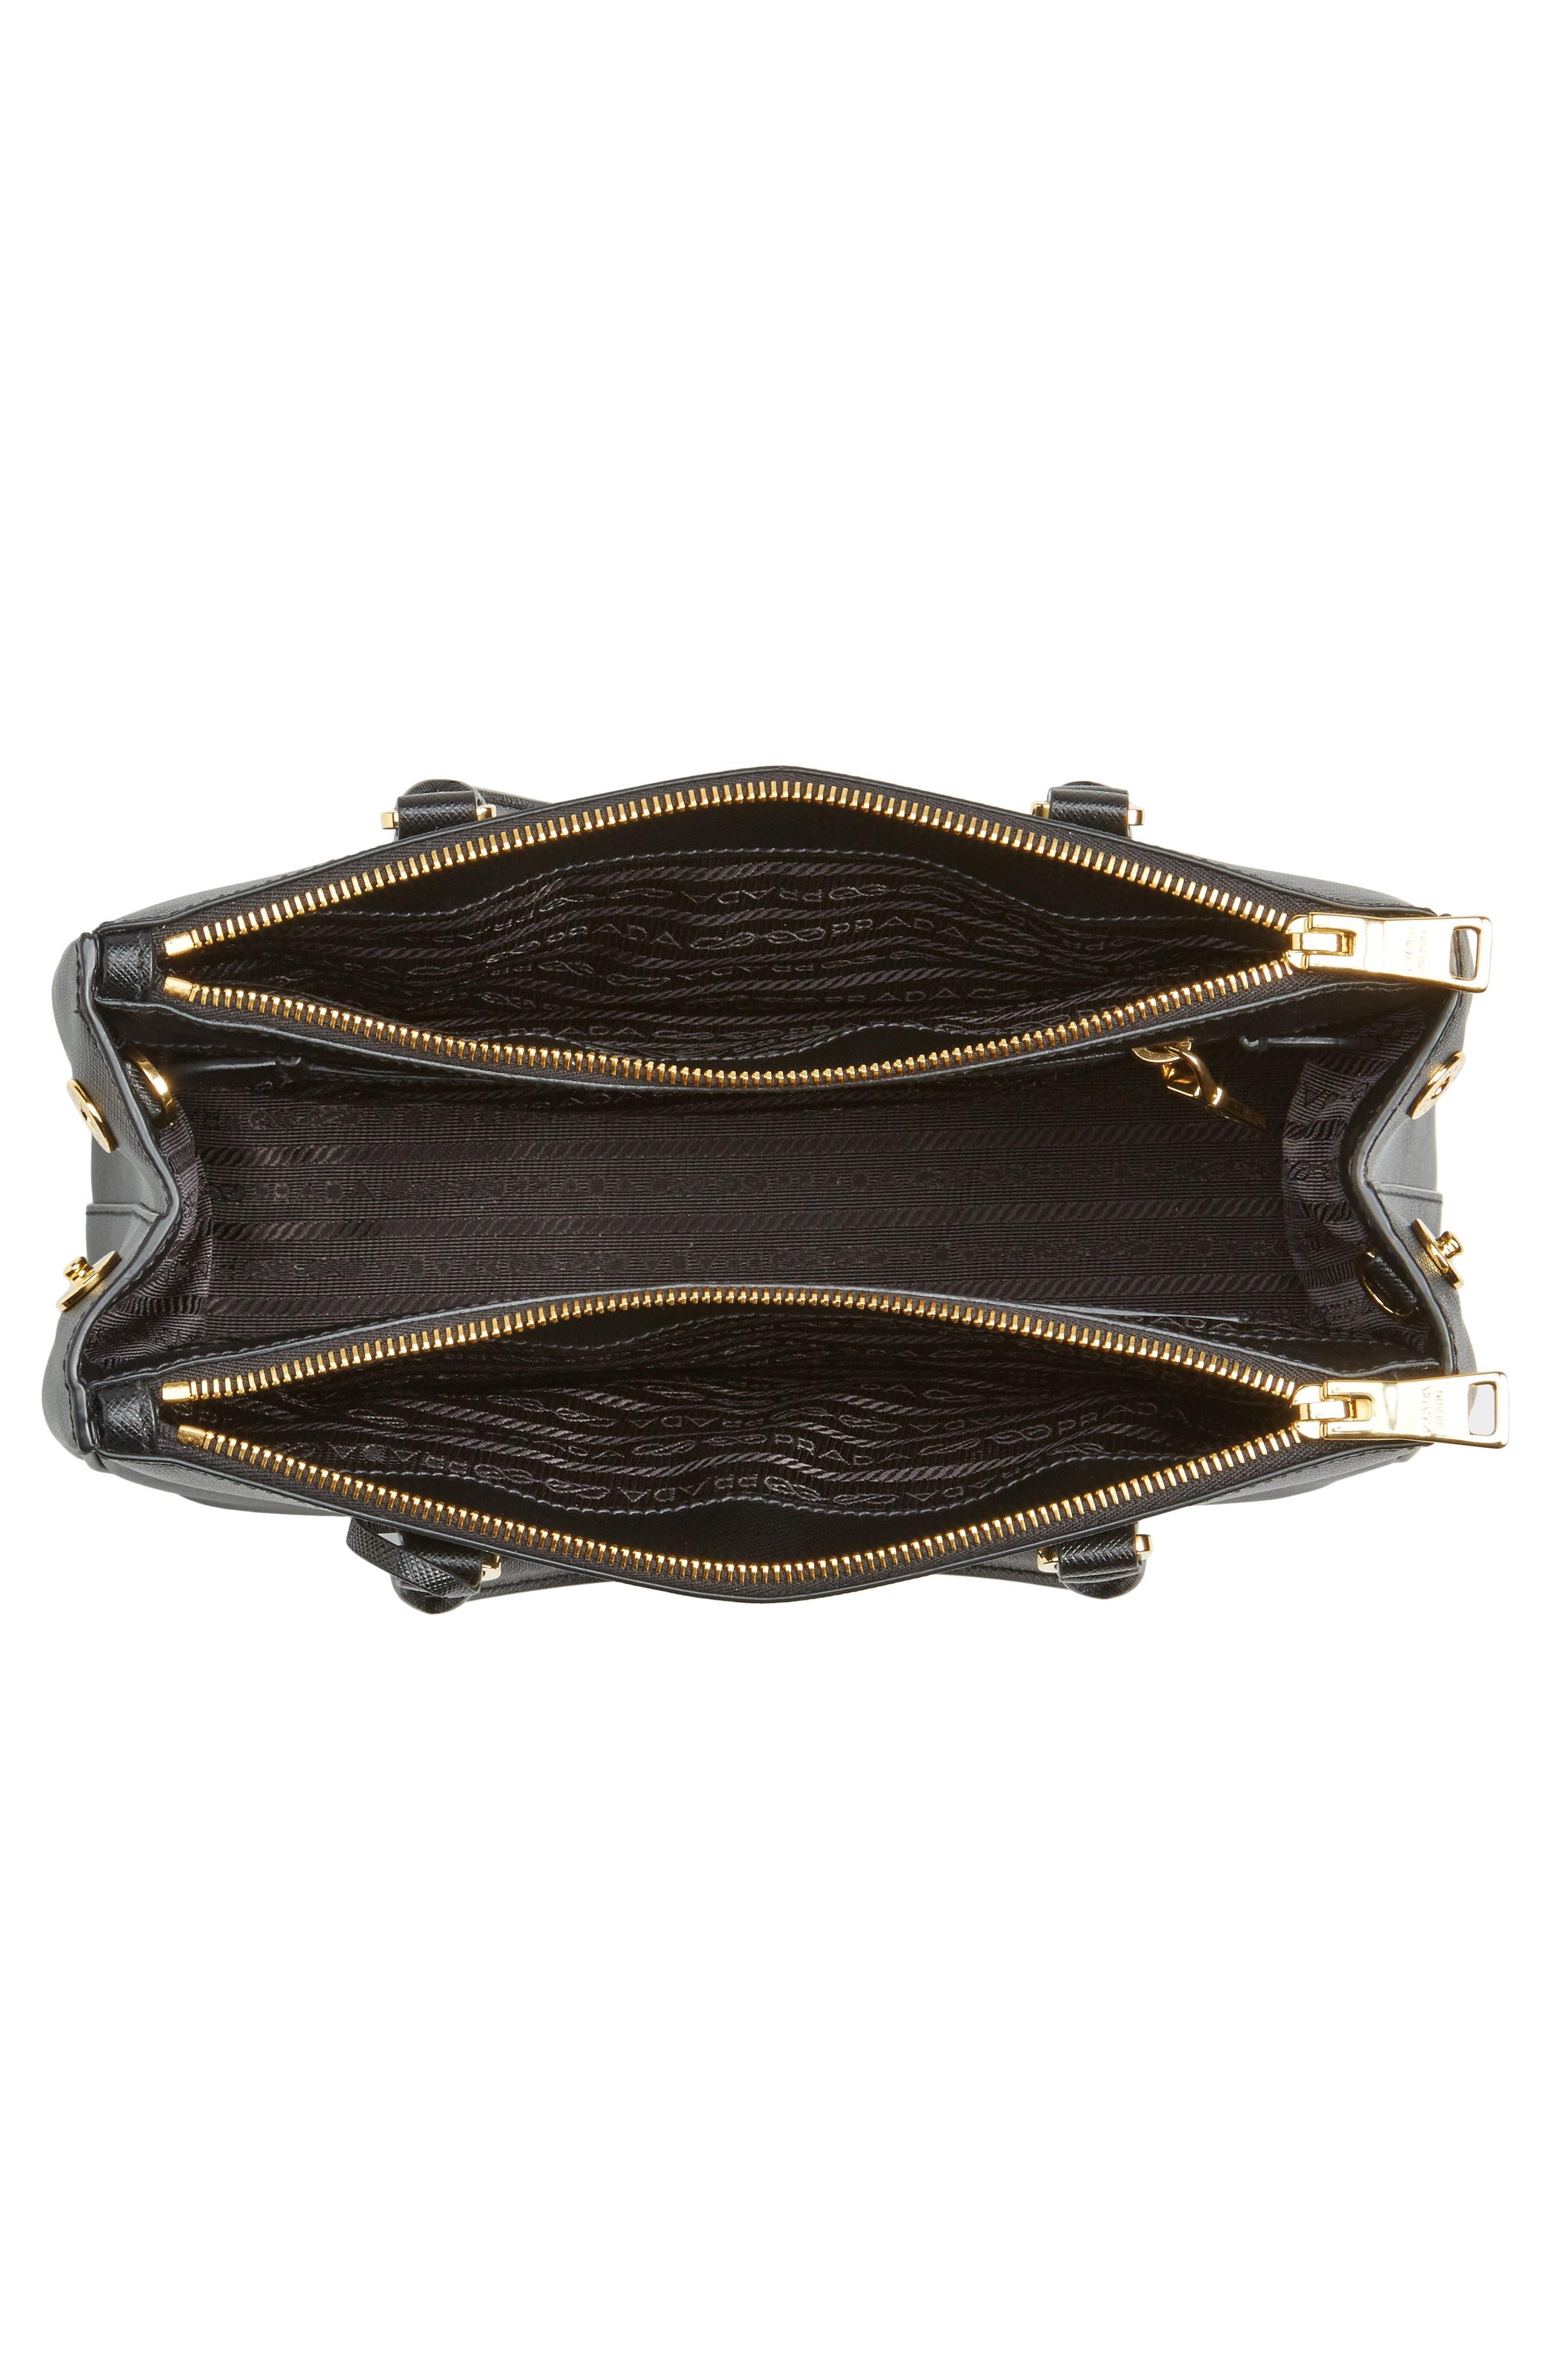 Saffiano Lux Leather Satchel,                             Alternate thumbnail 4, color,                             001